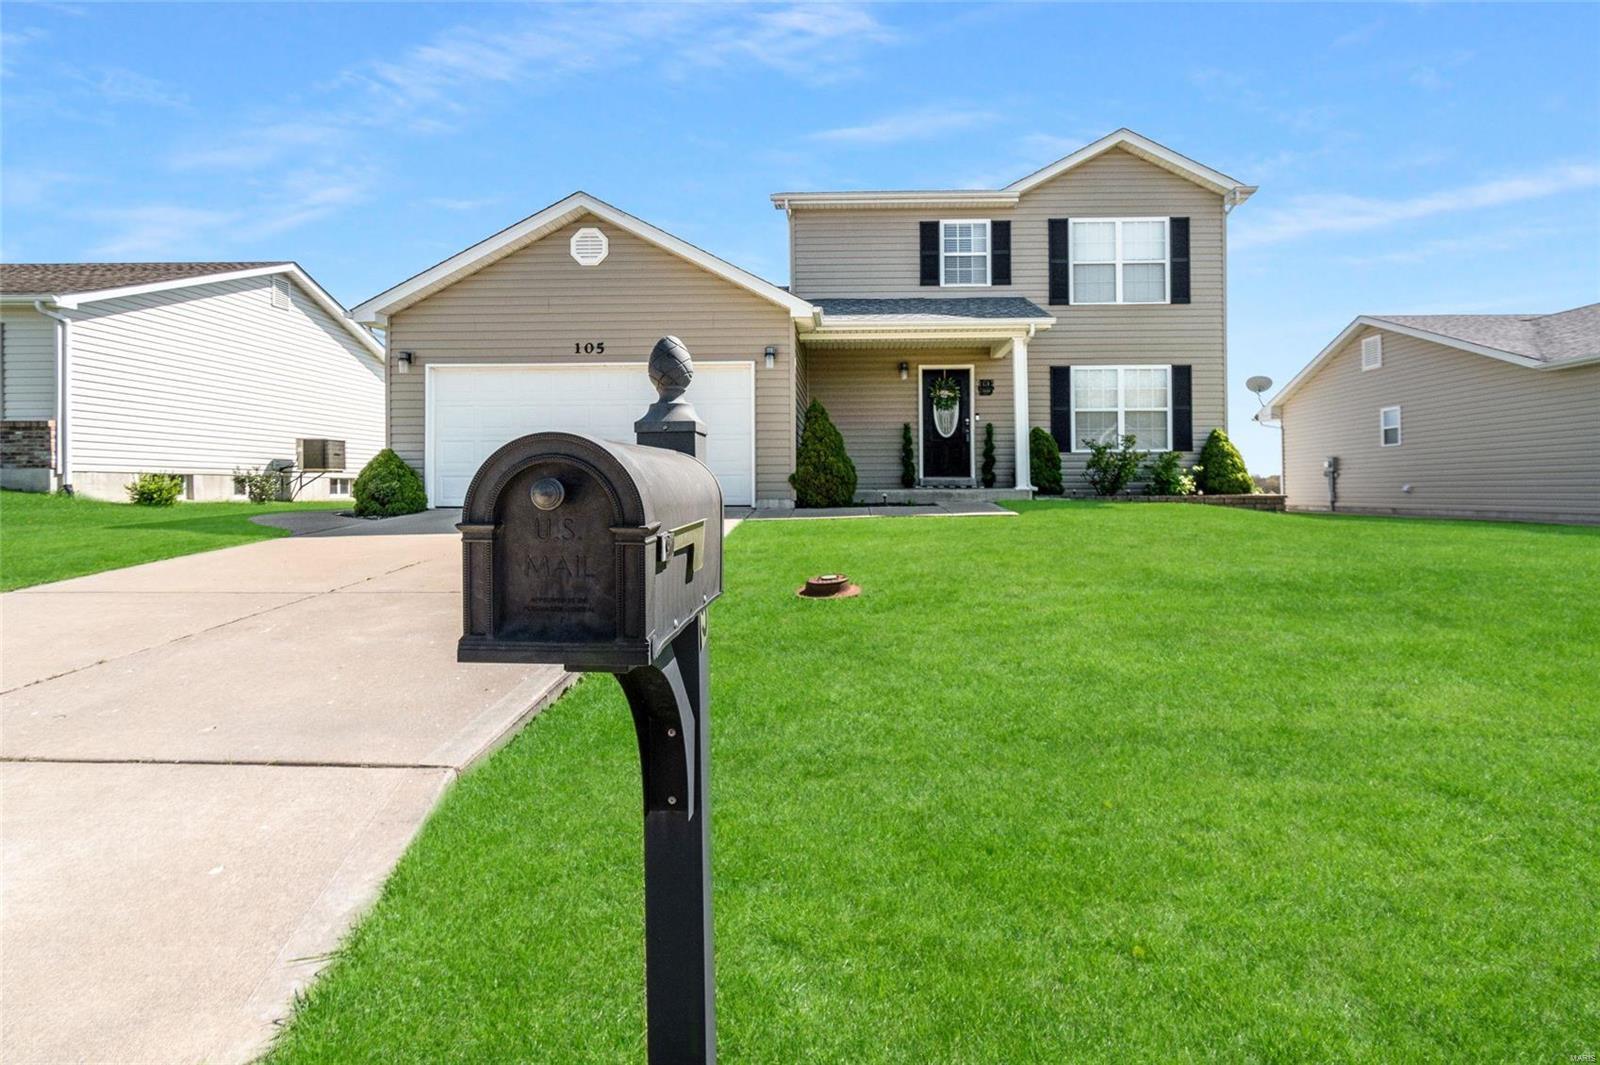 105 Chestnut Ridge Property Photo